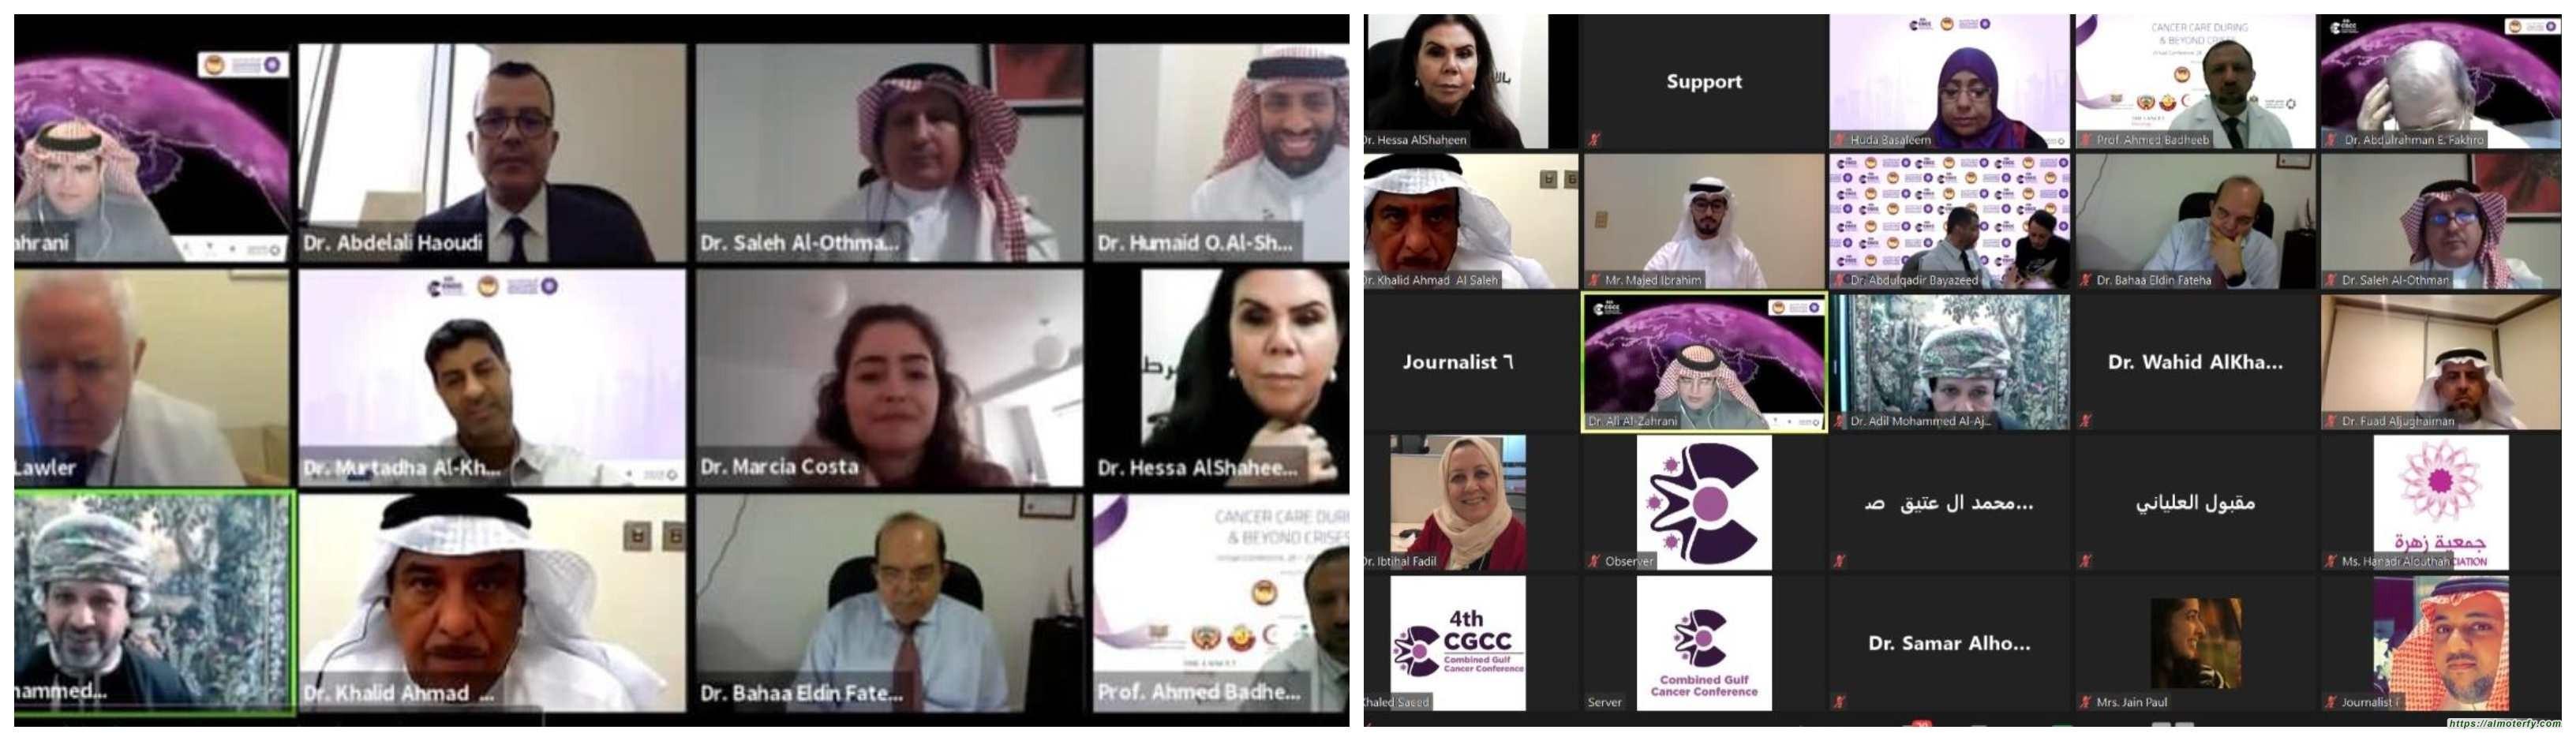 المؤتمر الخليجي المشترك الرابع للسرطان حول رعاية مرضى السرطان خلال وبعد الكوارث يختتم أعماله ويصدر بيانه الختامي